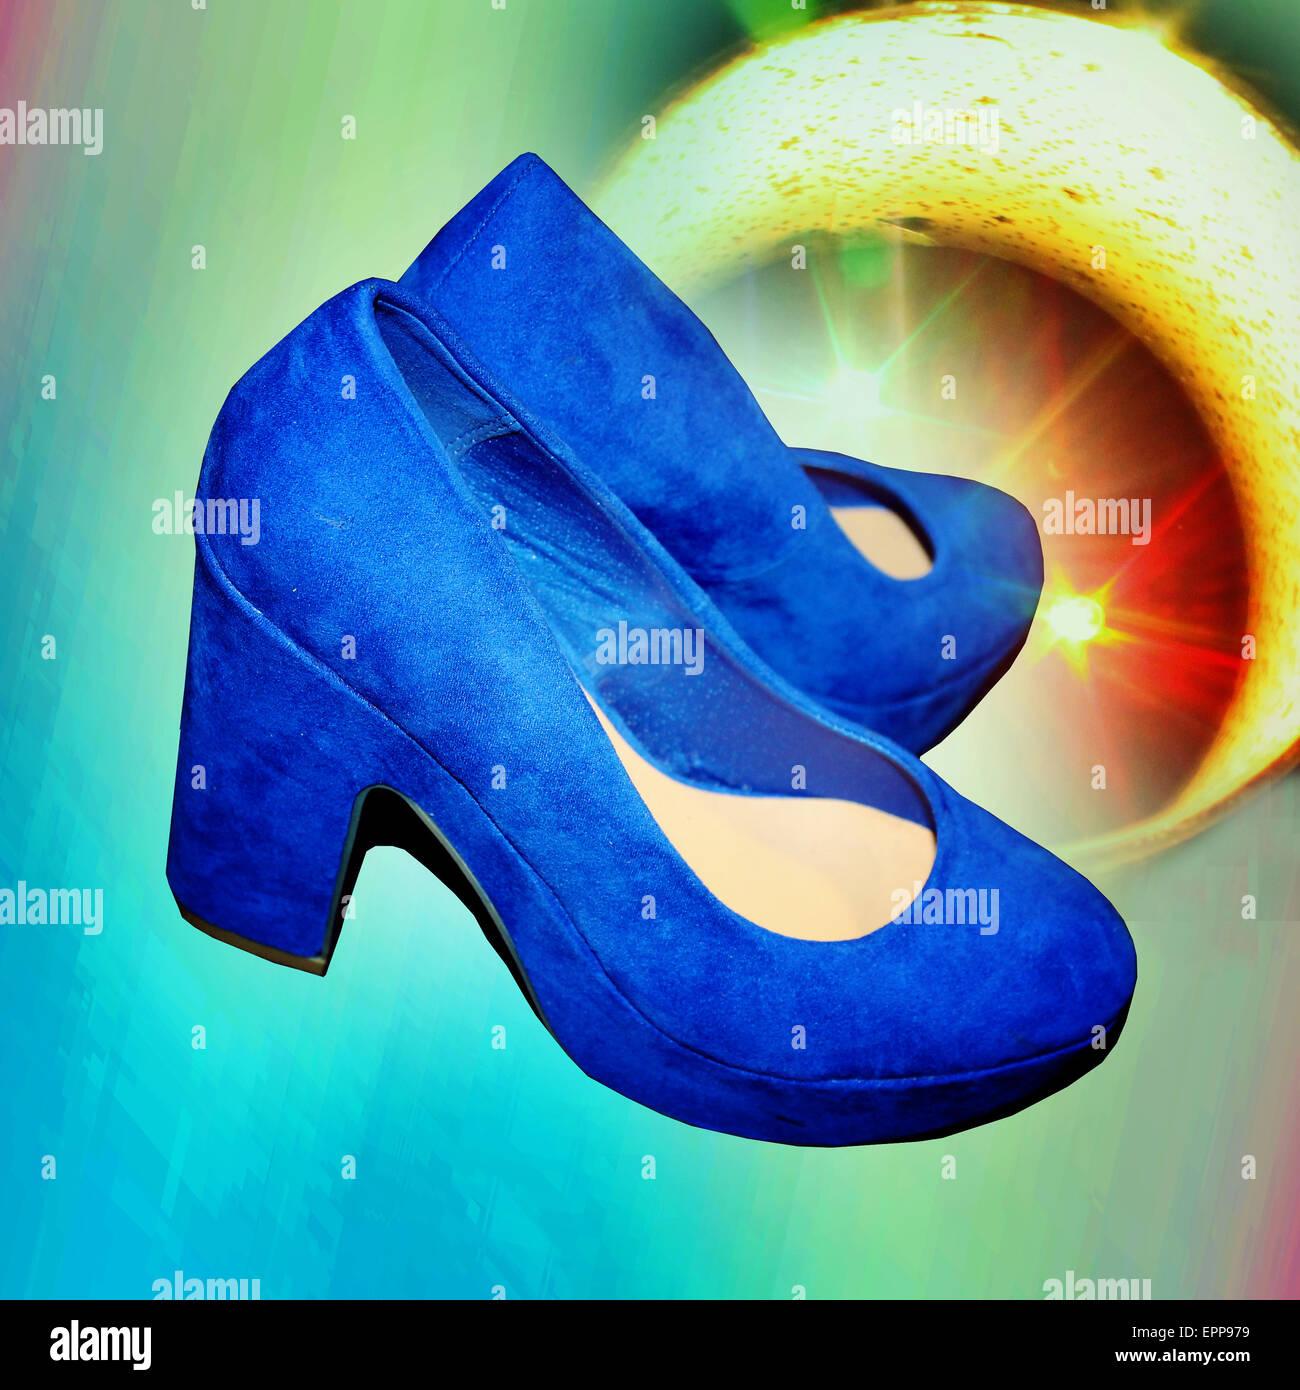 Farben, blau, gelb, moderne, zeitgenössische Schuhe, zeitgenössische ...